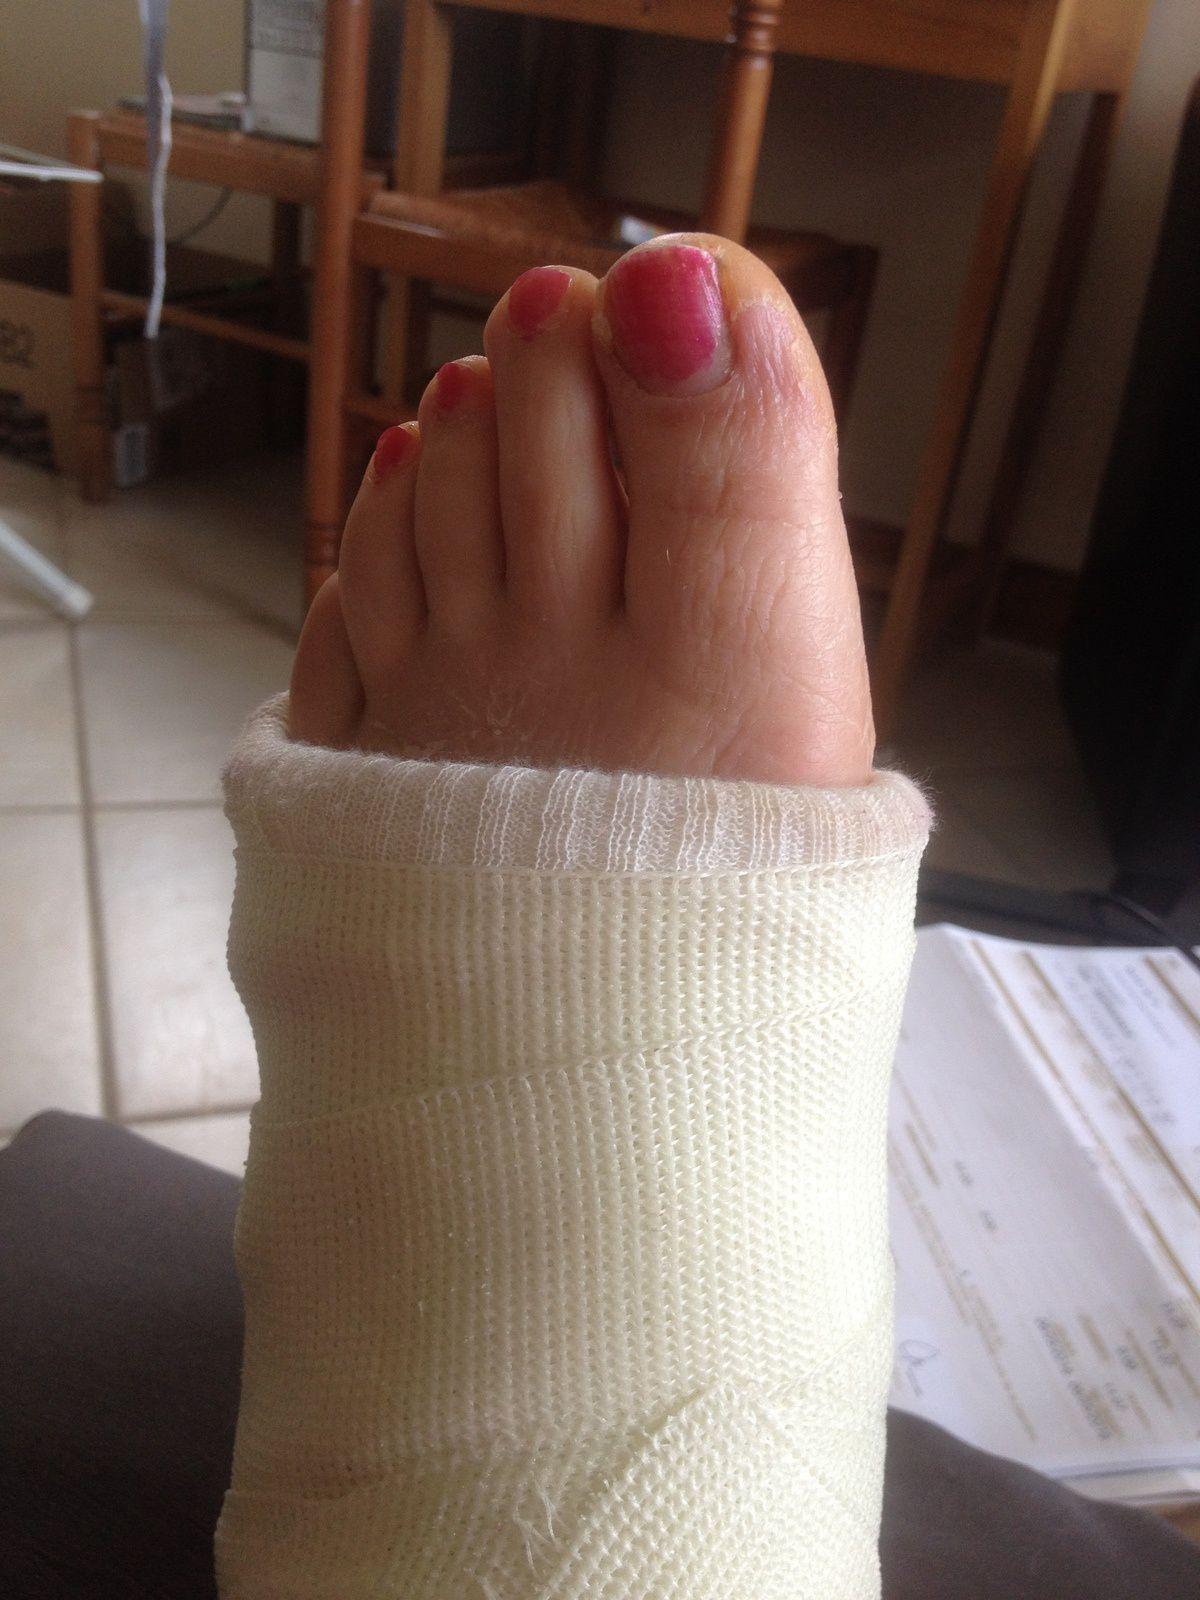 Comment rester sexy même plâtrée ! jambe cassée